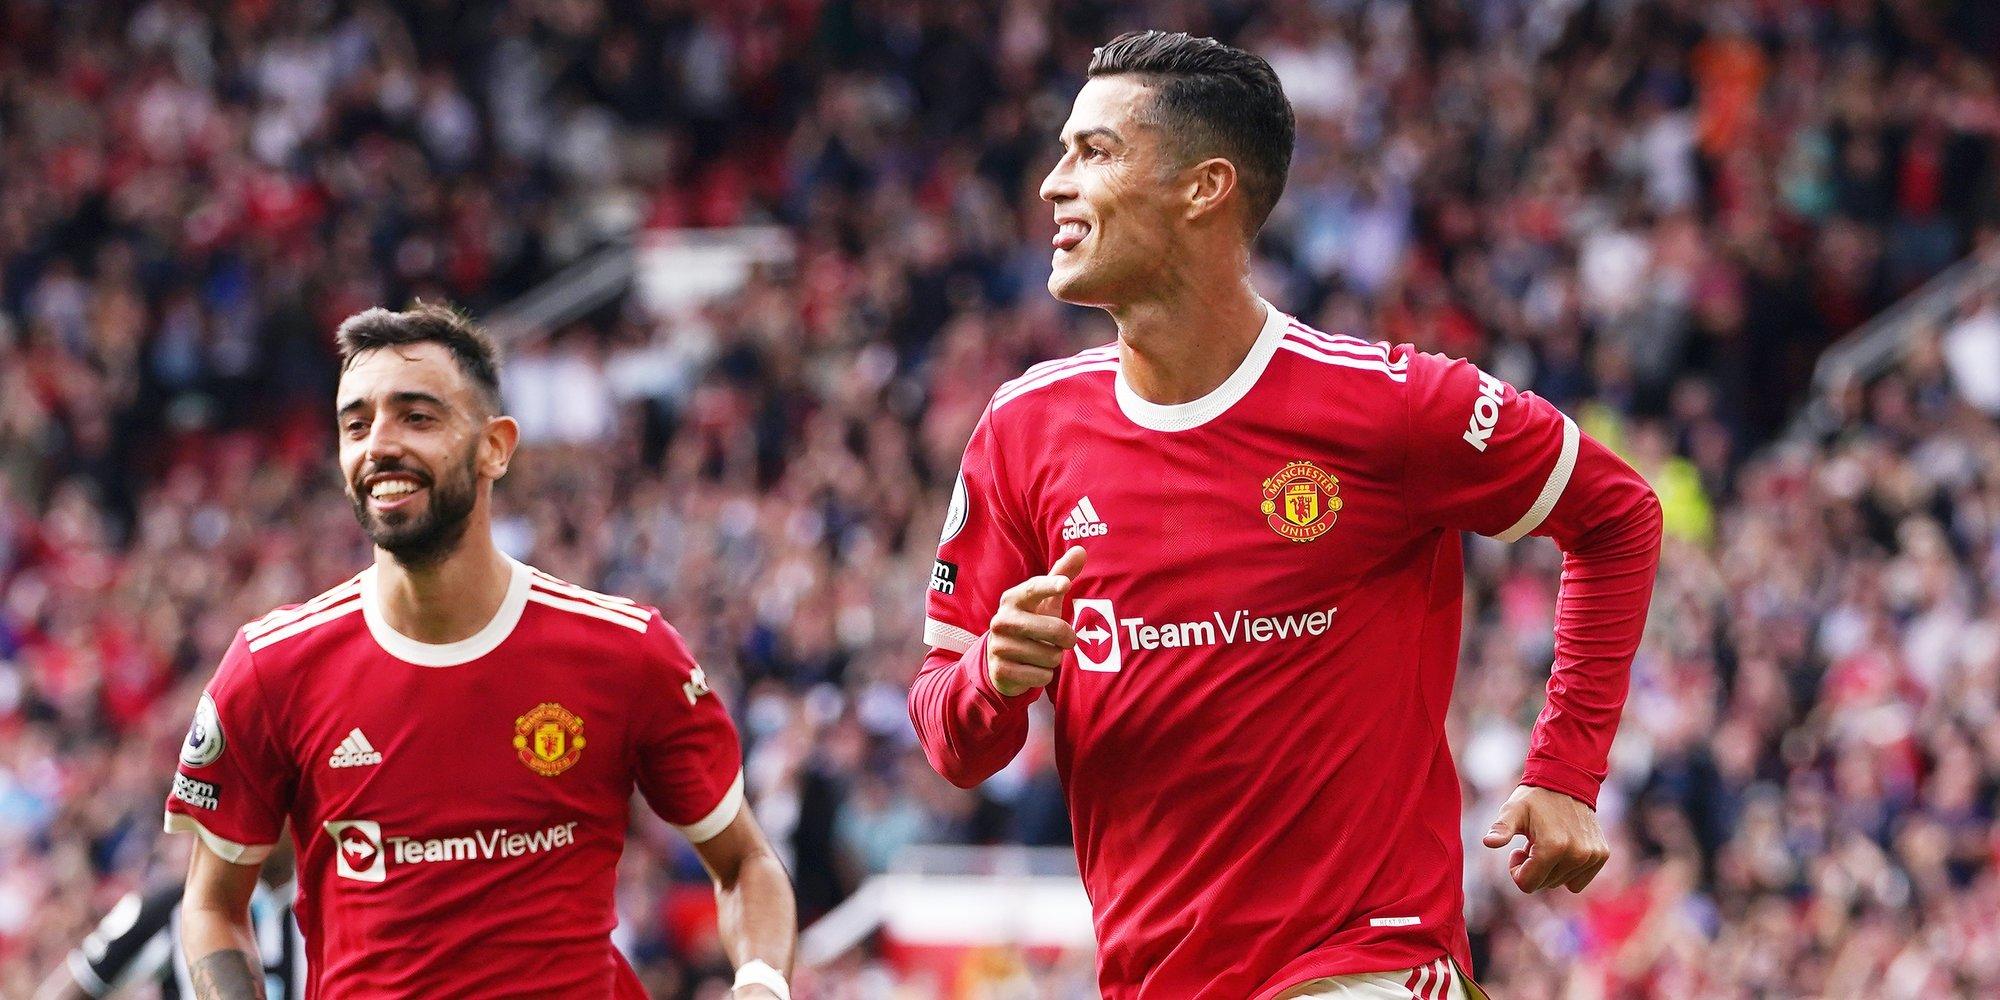 В «Манчестер Юнайтед» не исключили, что Роналду пропустит матч стартового тура Лиги чемпионов